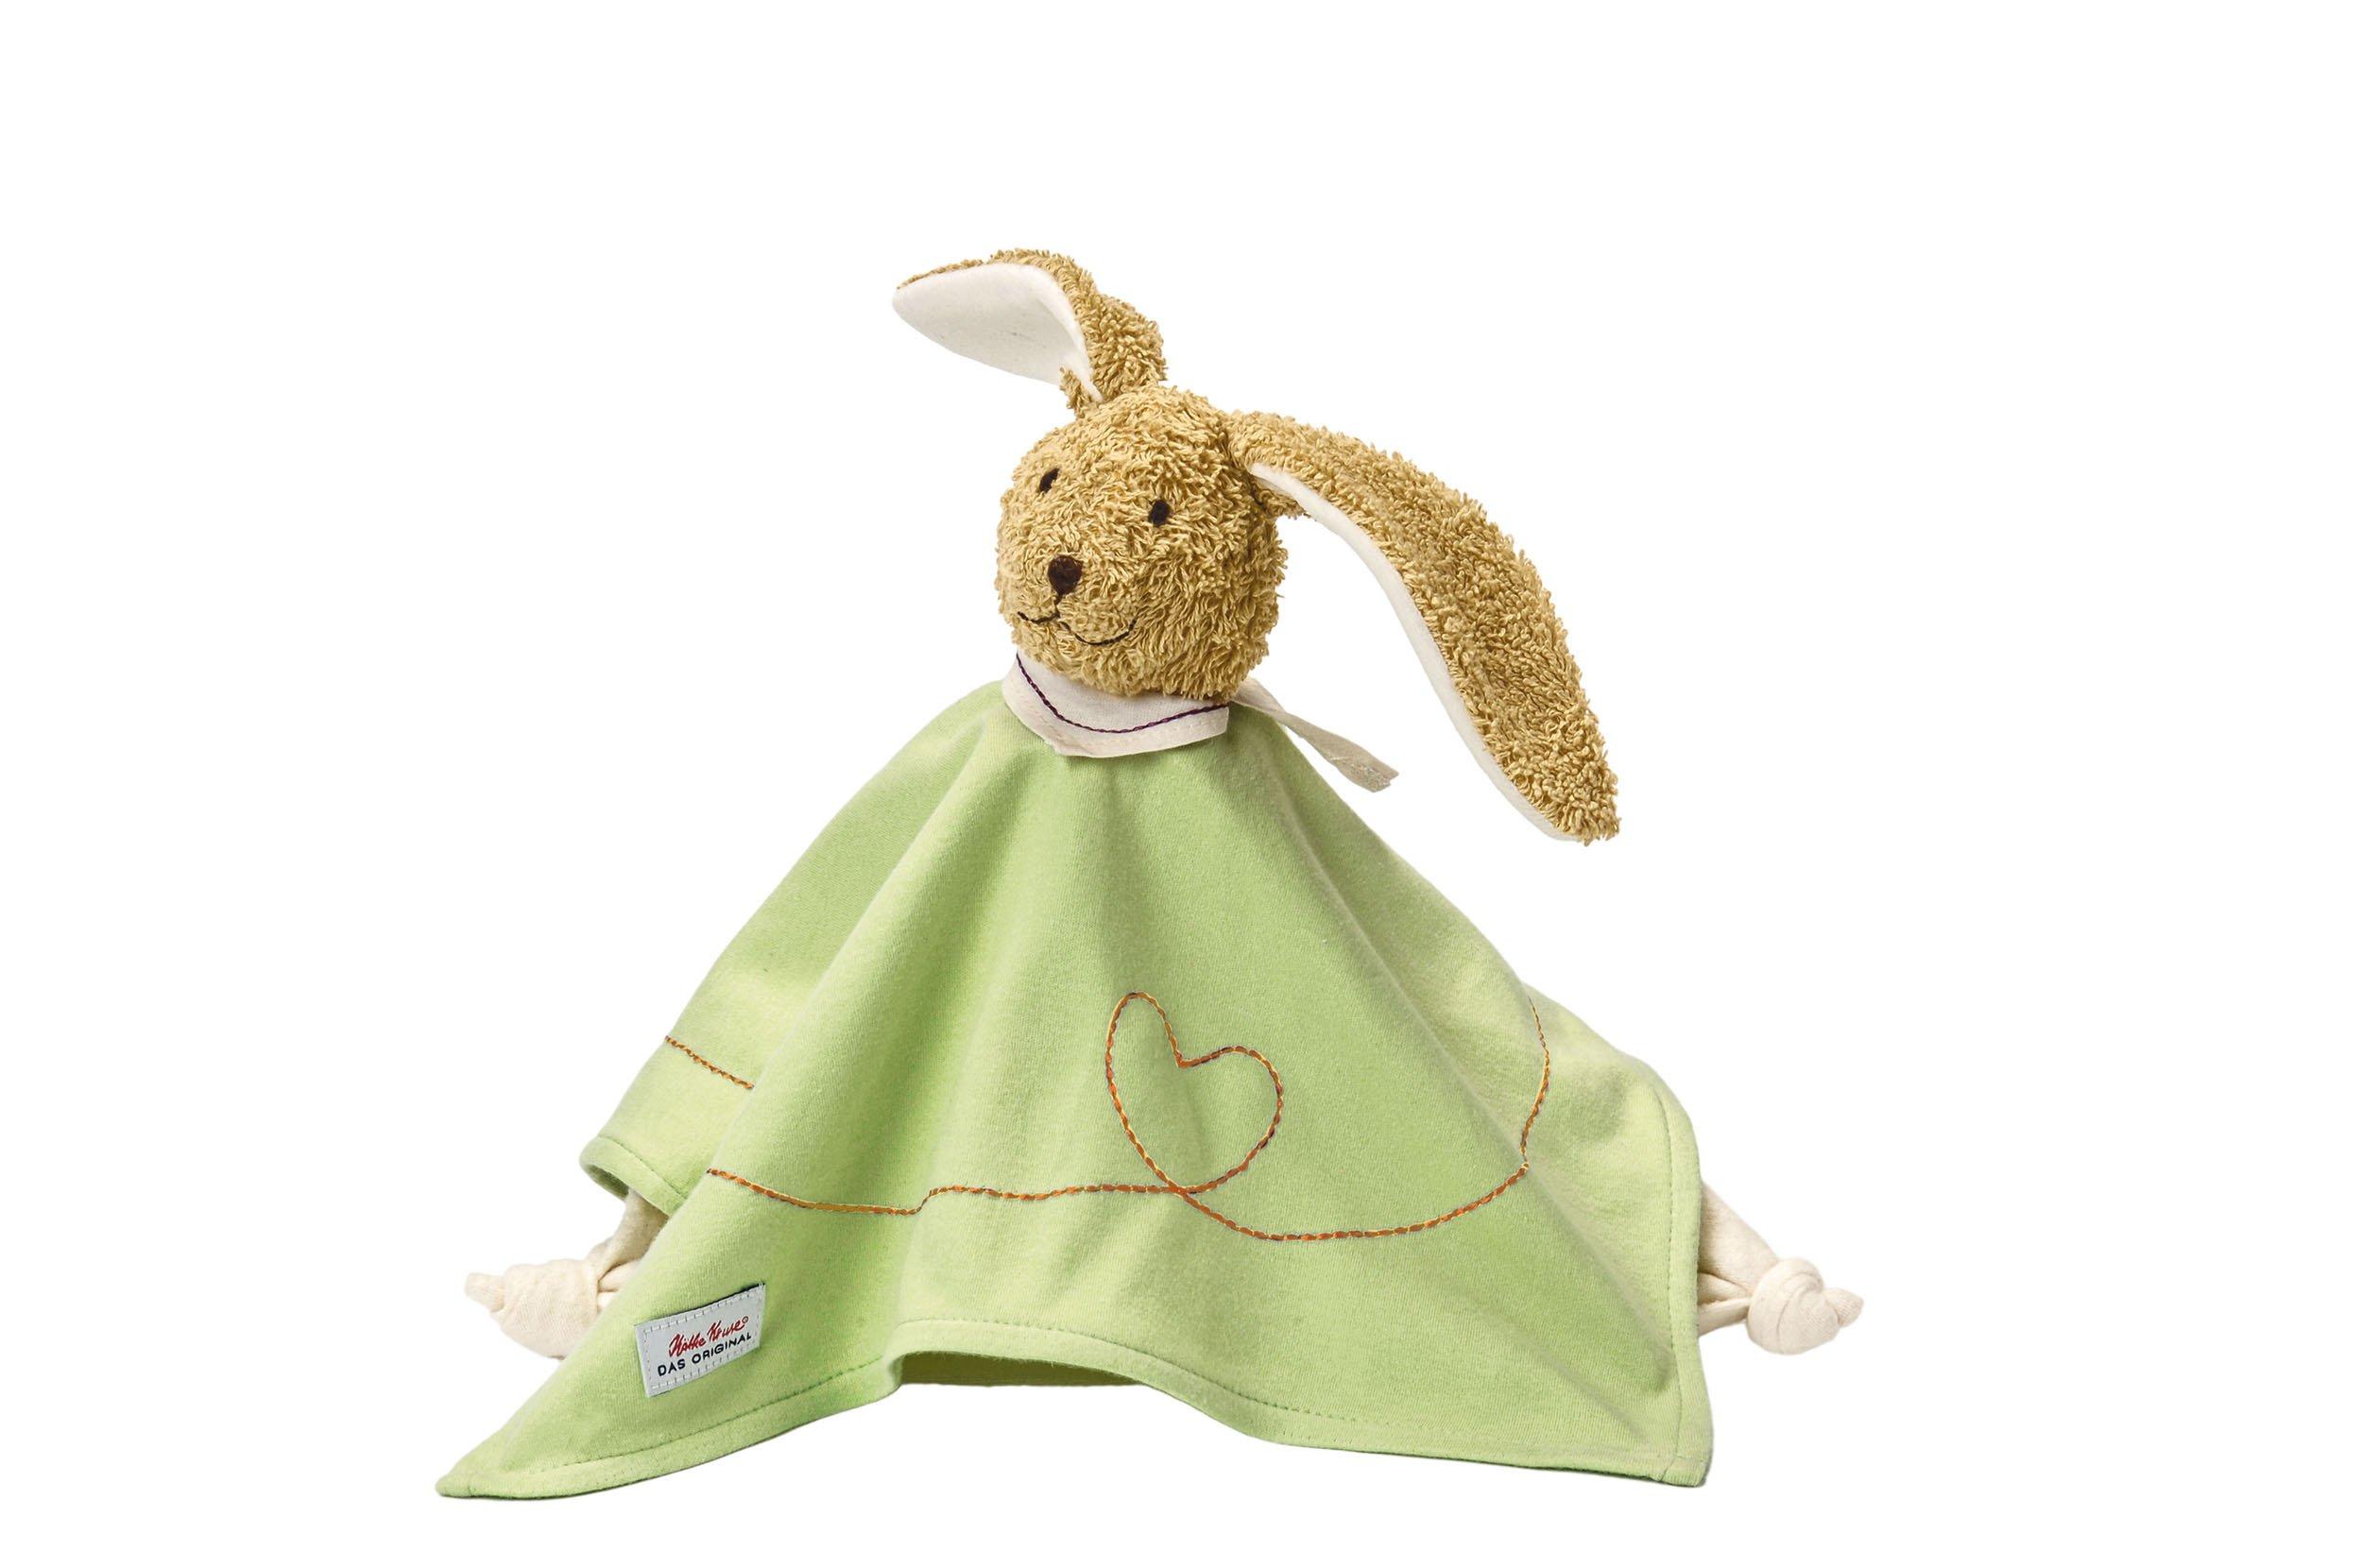 Kathe Kruse - Bunny Pino Towel Doll